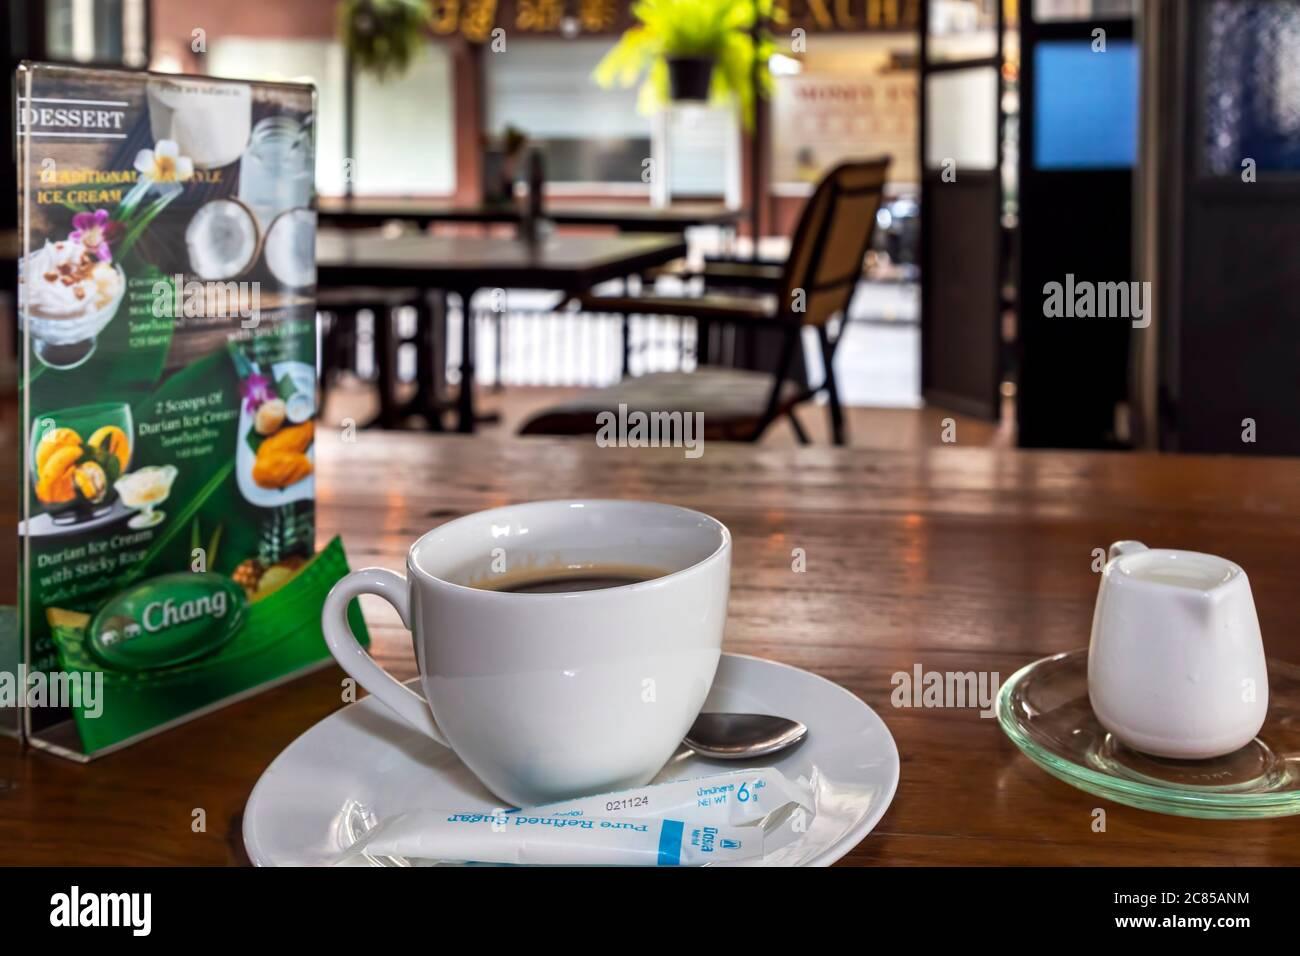 Kaffeetasse und Menü im thailändischen Restaurant während der Pandemie 19 in Bangkok, Thailand Stockfoto